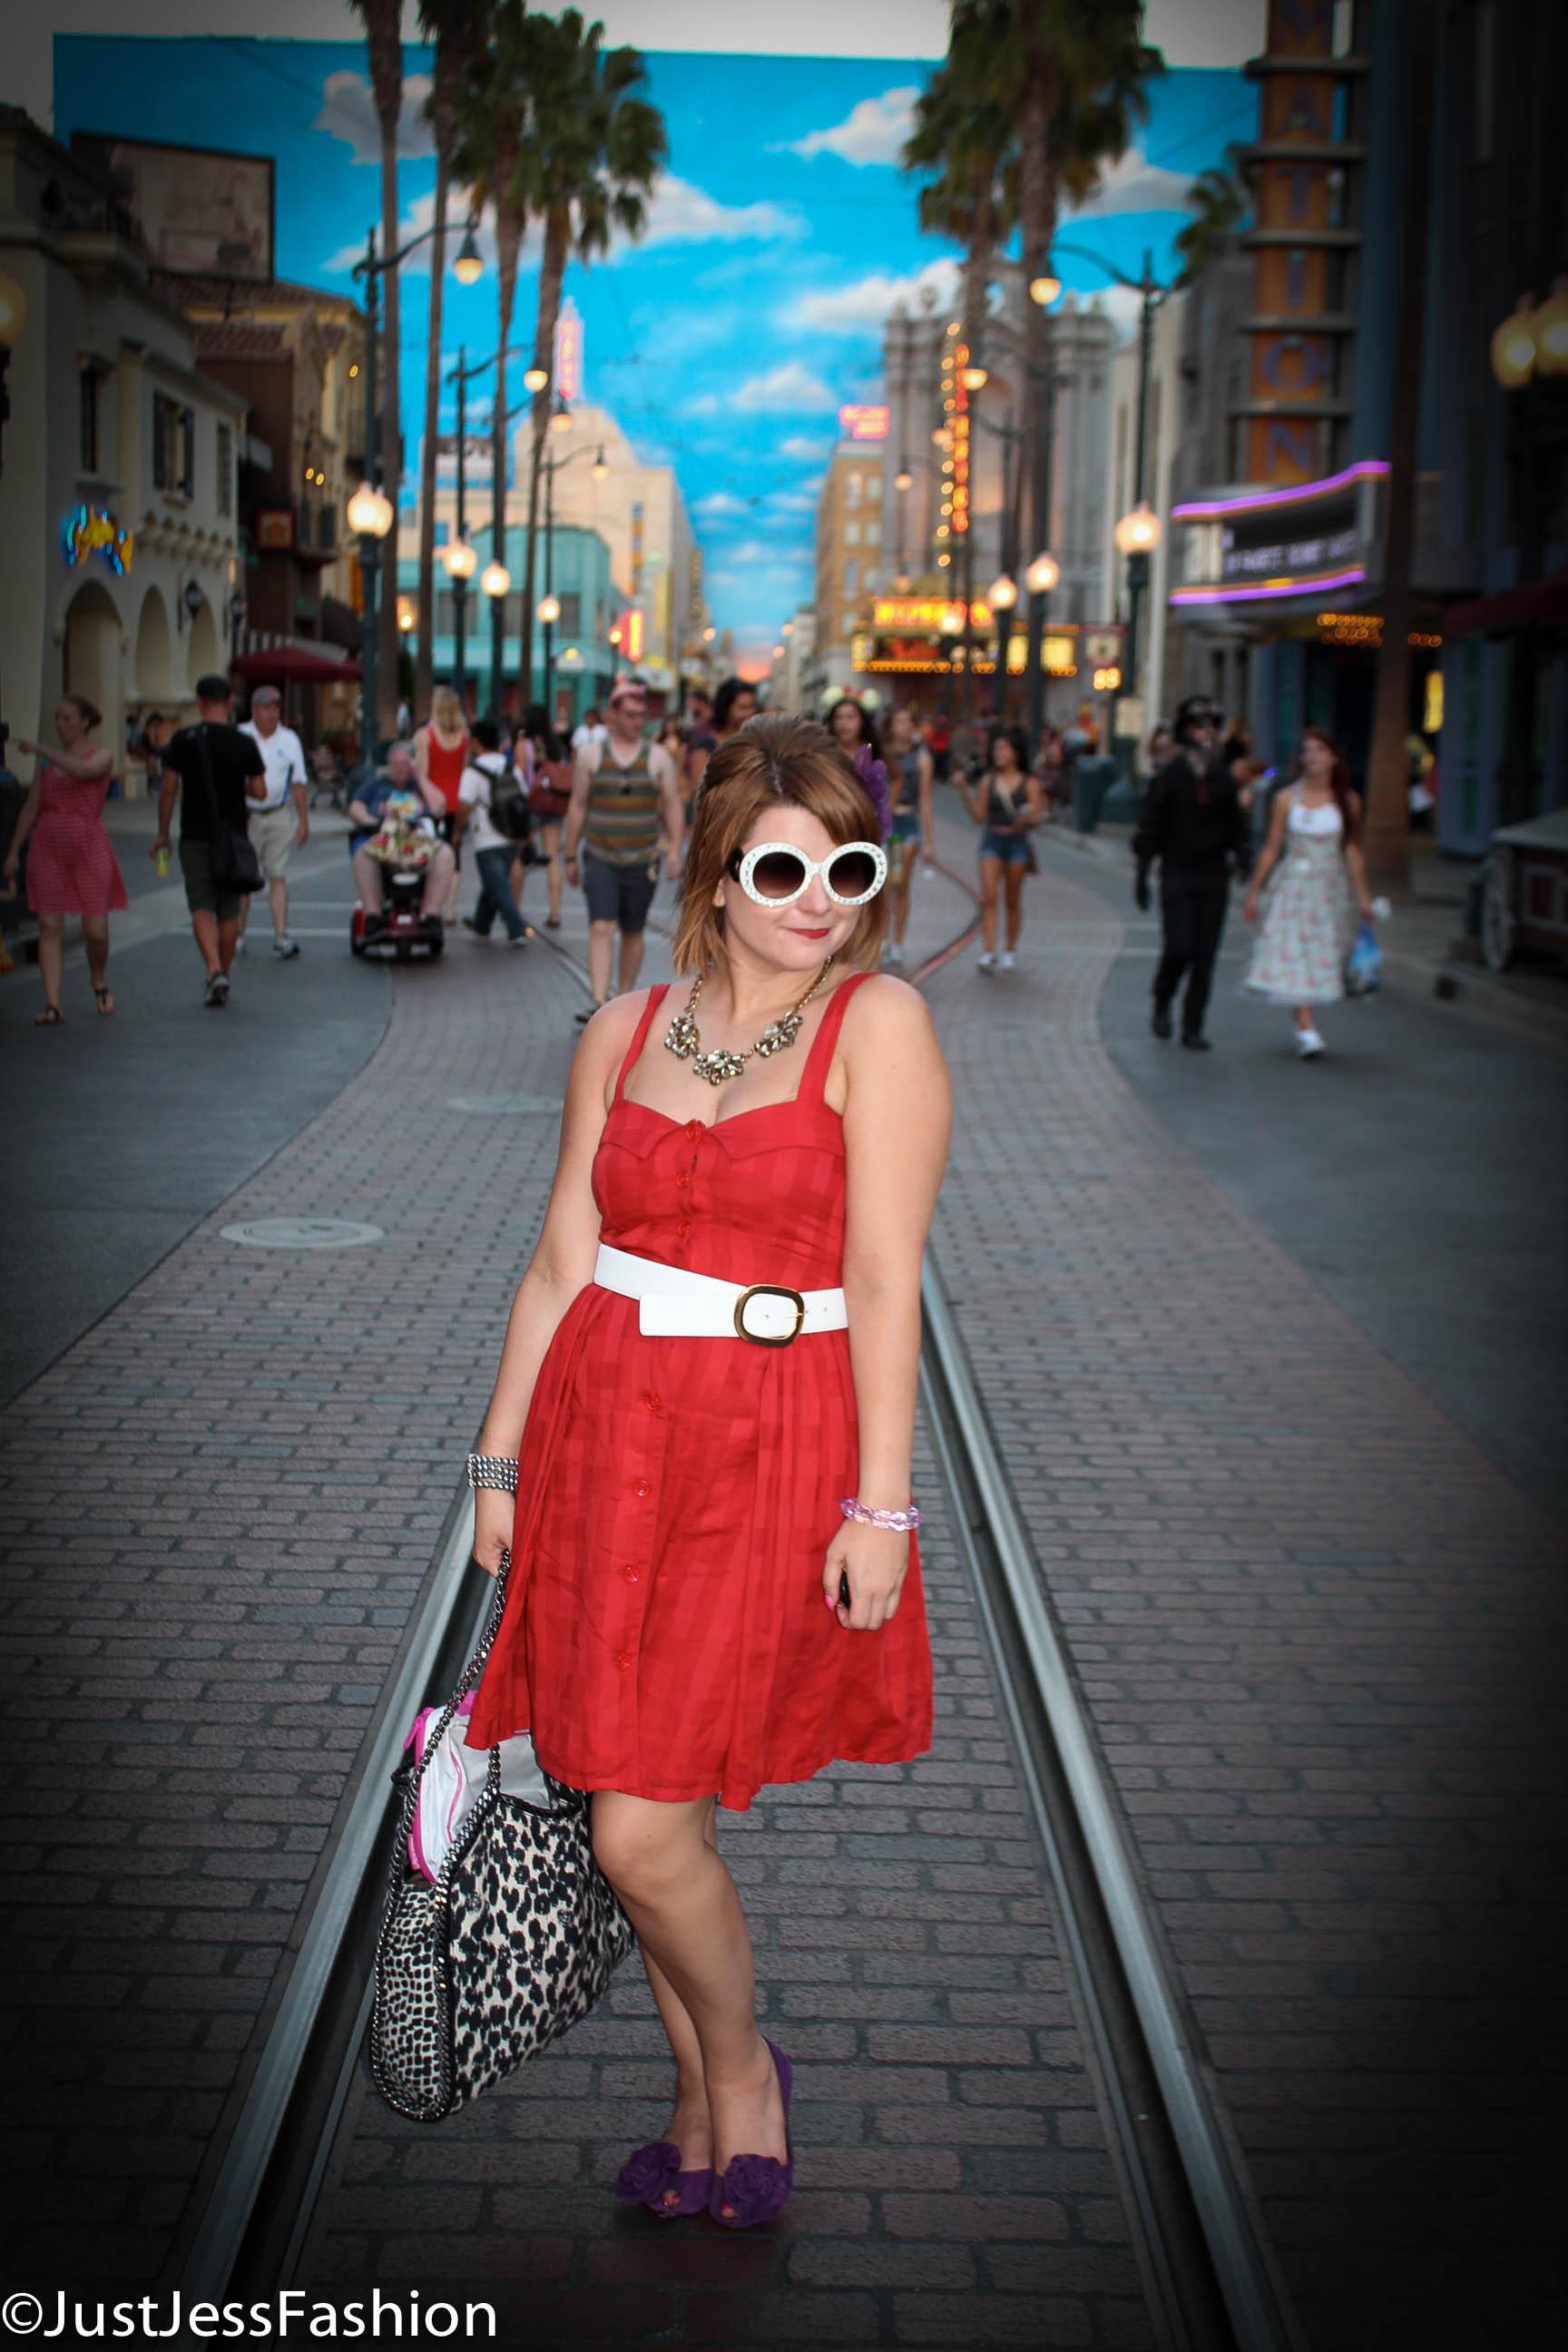 prada slippers price - Prada Sunglasses | Just Jess Fashion!